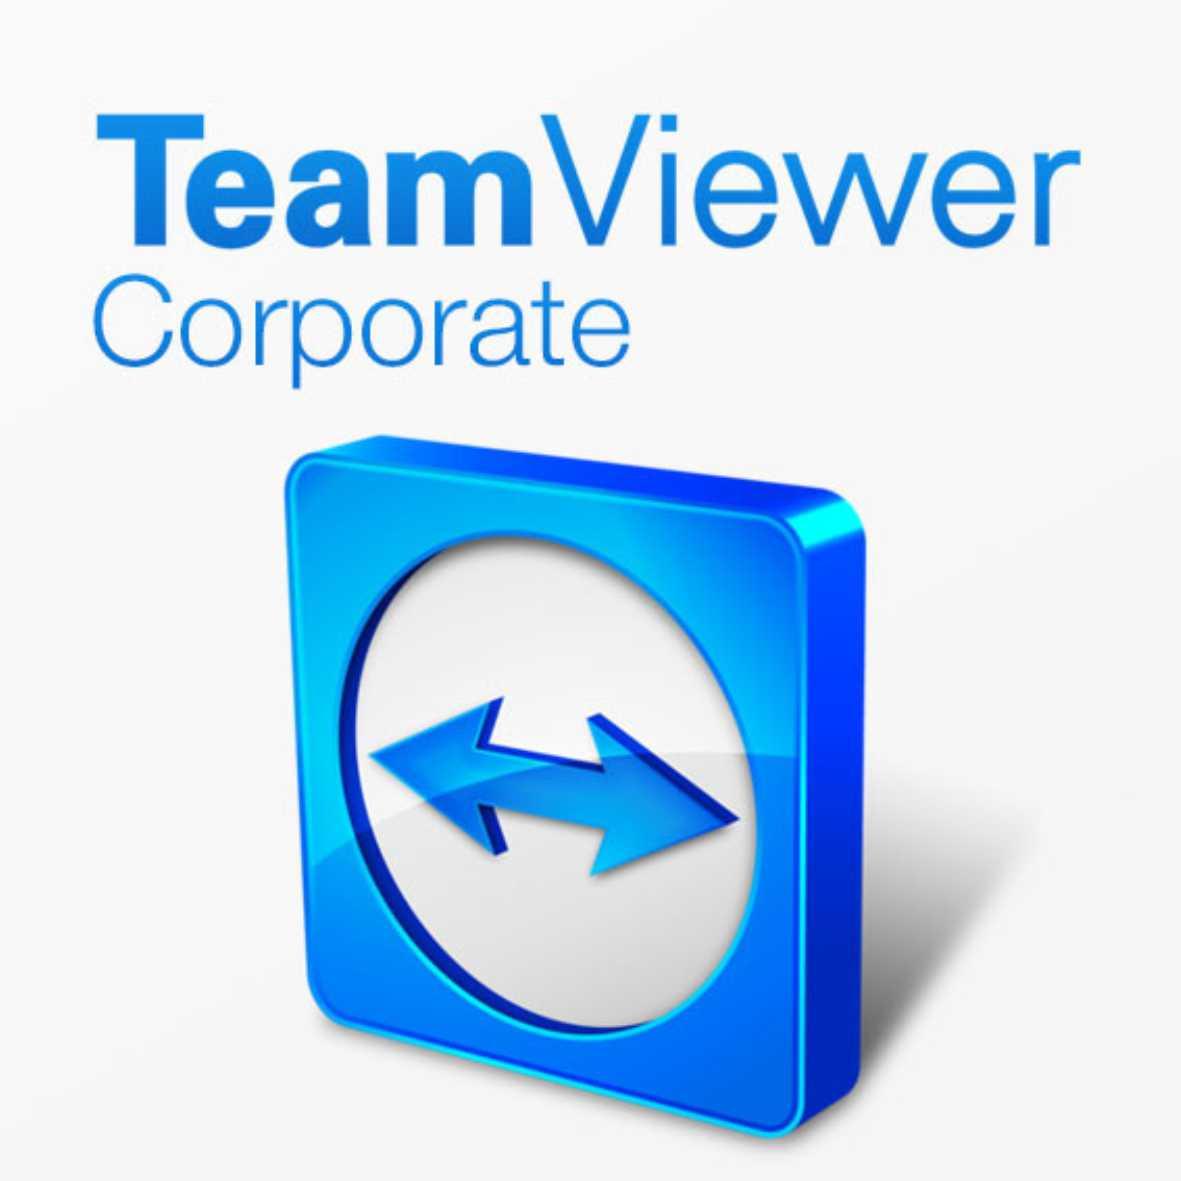 TeamViewer 14 Corporate